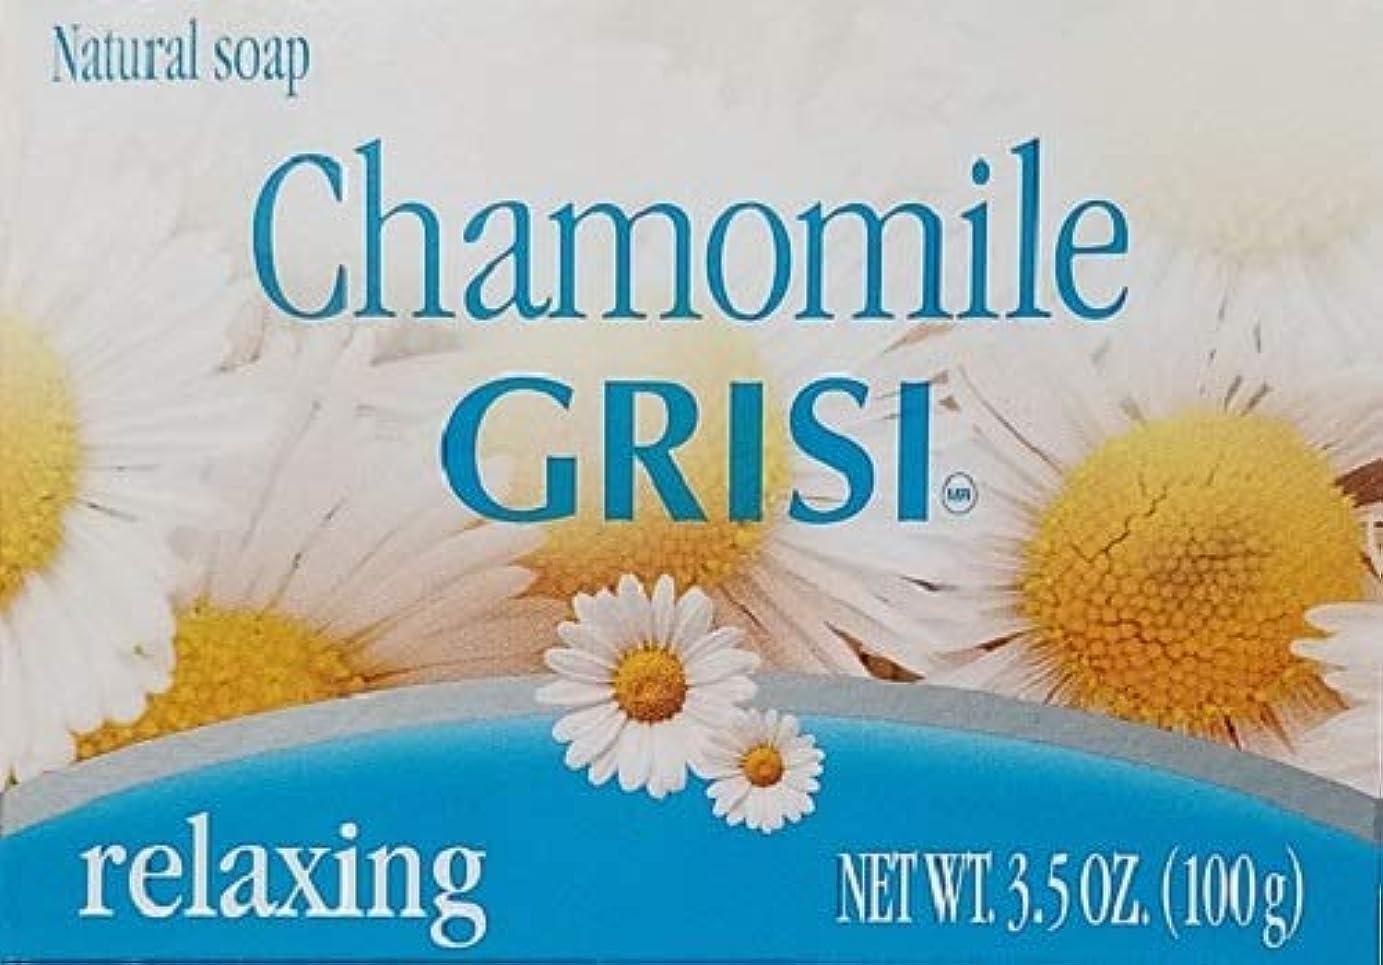 配置ホバートマイナーManzanilla Grisi 6PK - カモミールソープ - Jabonデマンサニージャ - Grisi(3.5オンスX 6単位)。